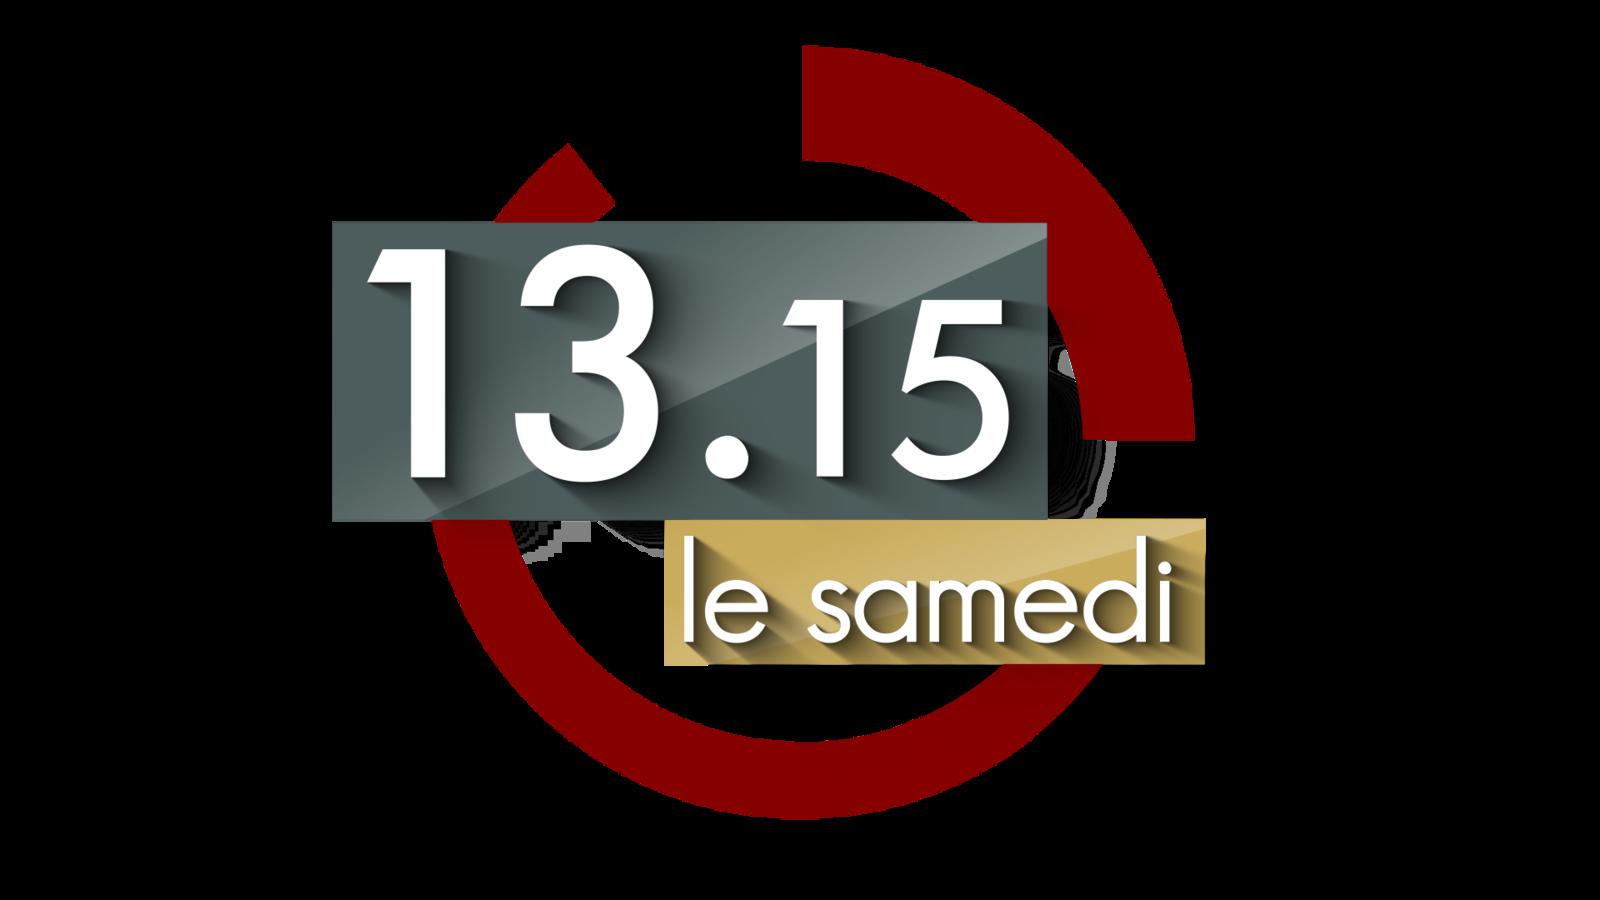 Sur la piste des gendarmes : reportage à 13h15 ce samedi sur France 2.